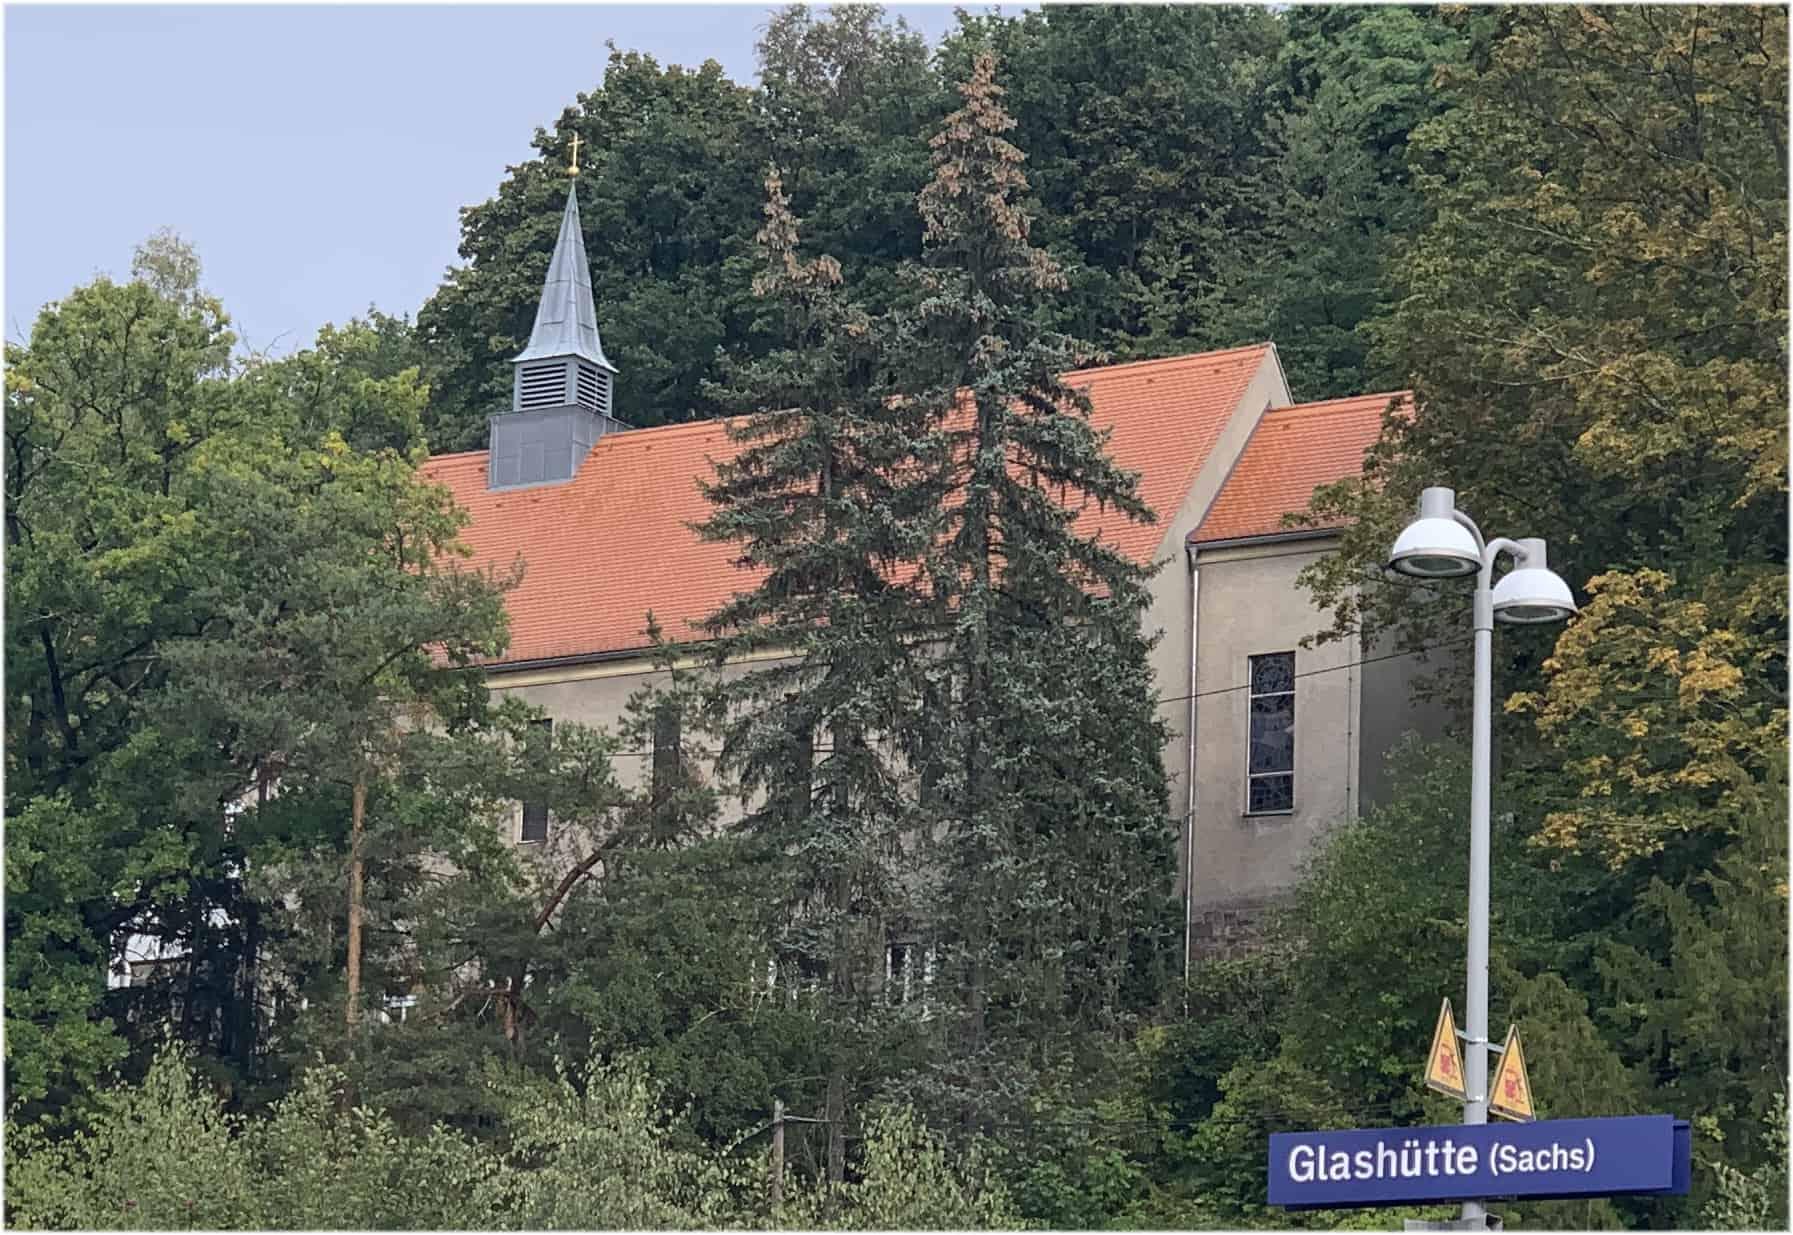 Das Nomos Forum in der ehemaligen katholischen Kirche in Glashütte